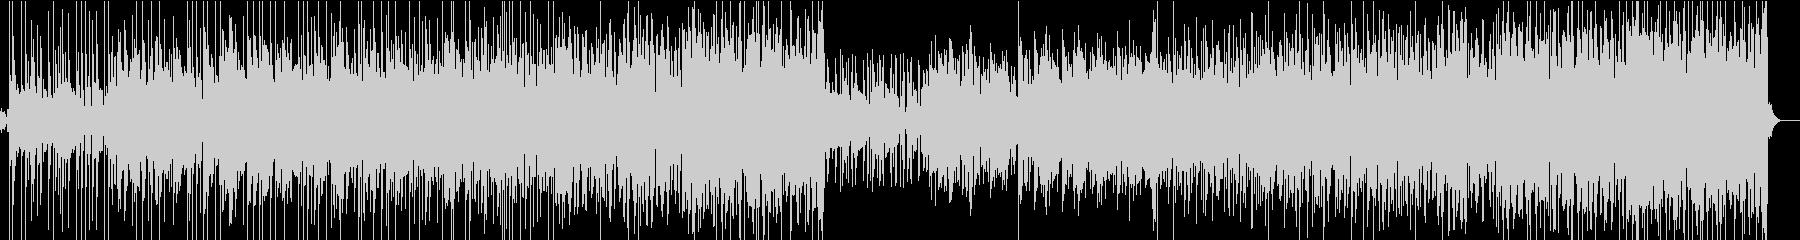 FunkyなRockの未再生の波形